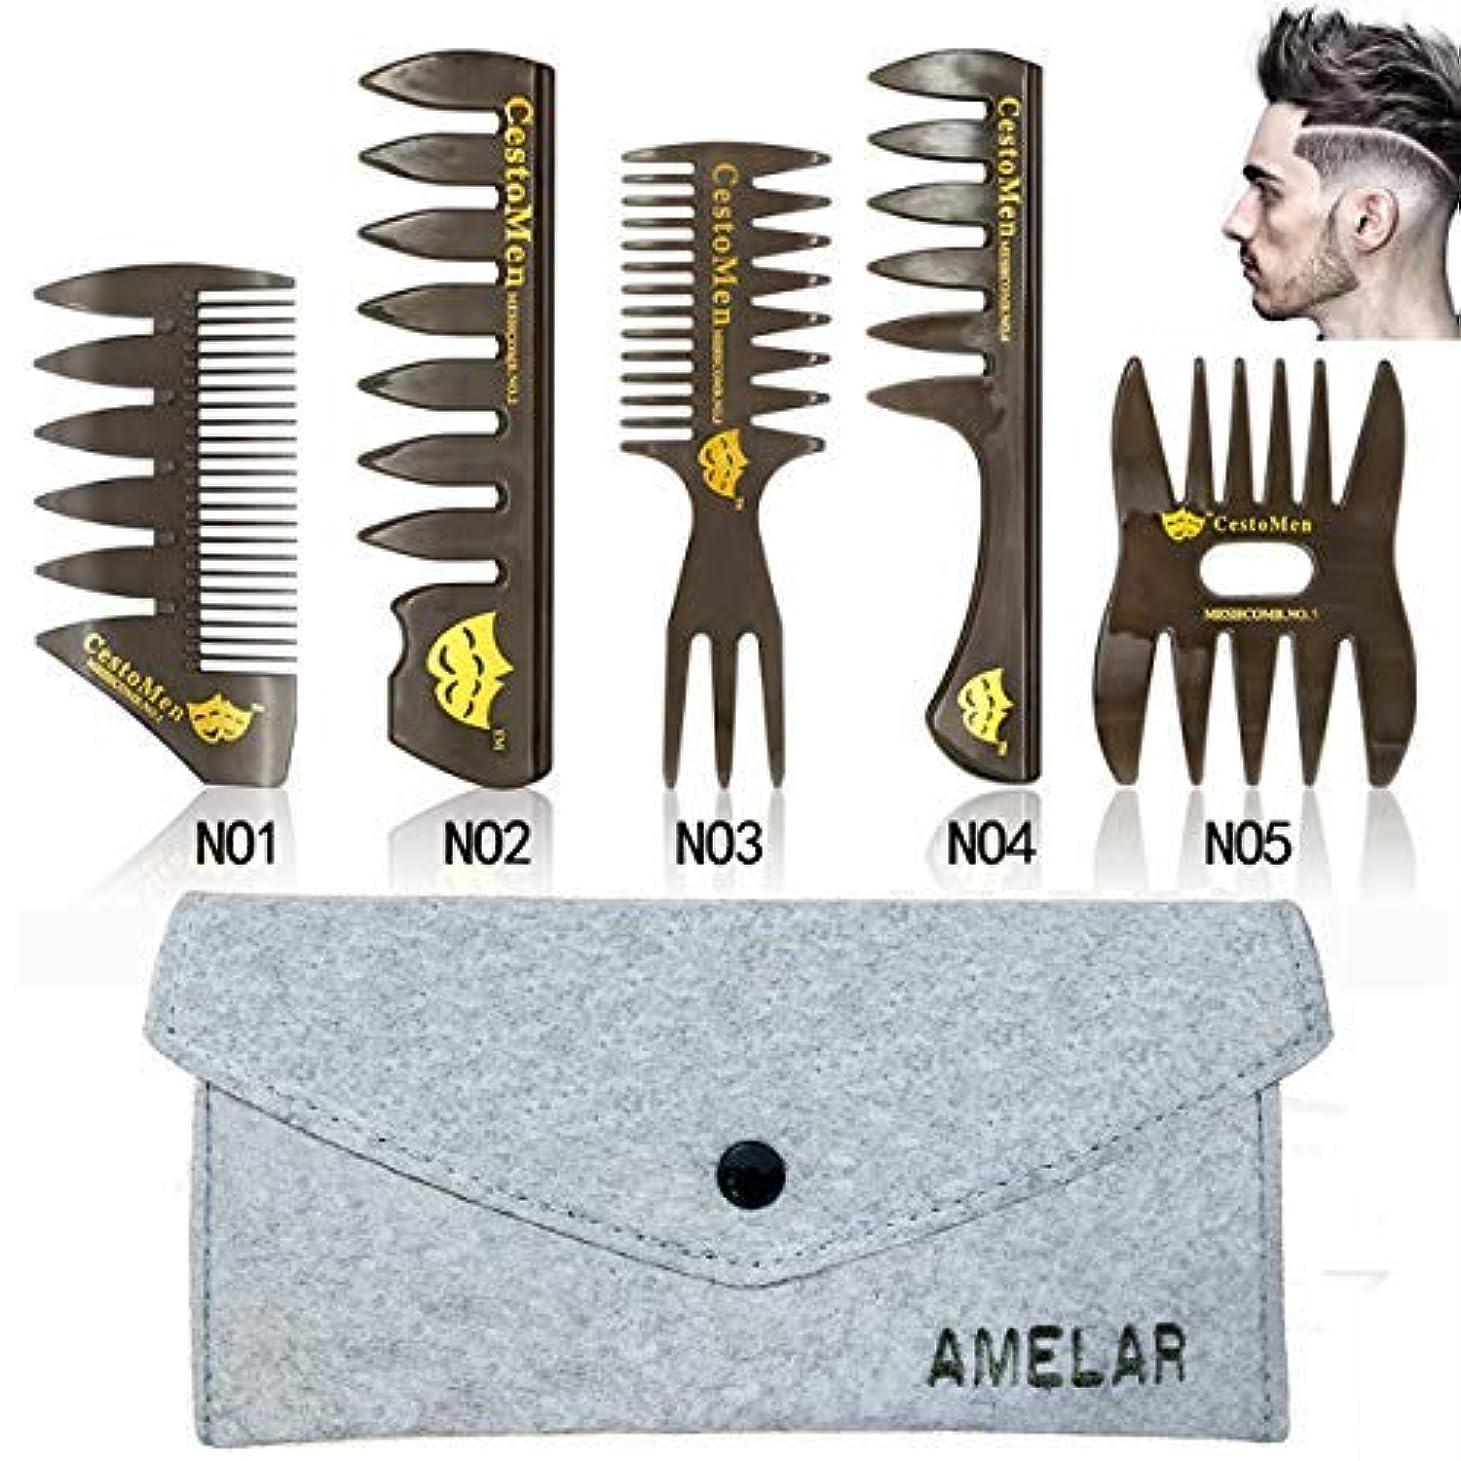 ひらめき知恵ペルメル6 PCS Hair Comb Styling Set Barber Hairstylist Accessories,Professional Shaping & Wet Pick Barber Brush Tools,...